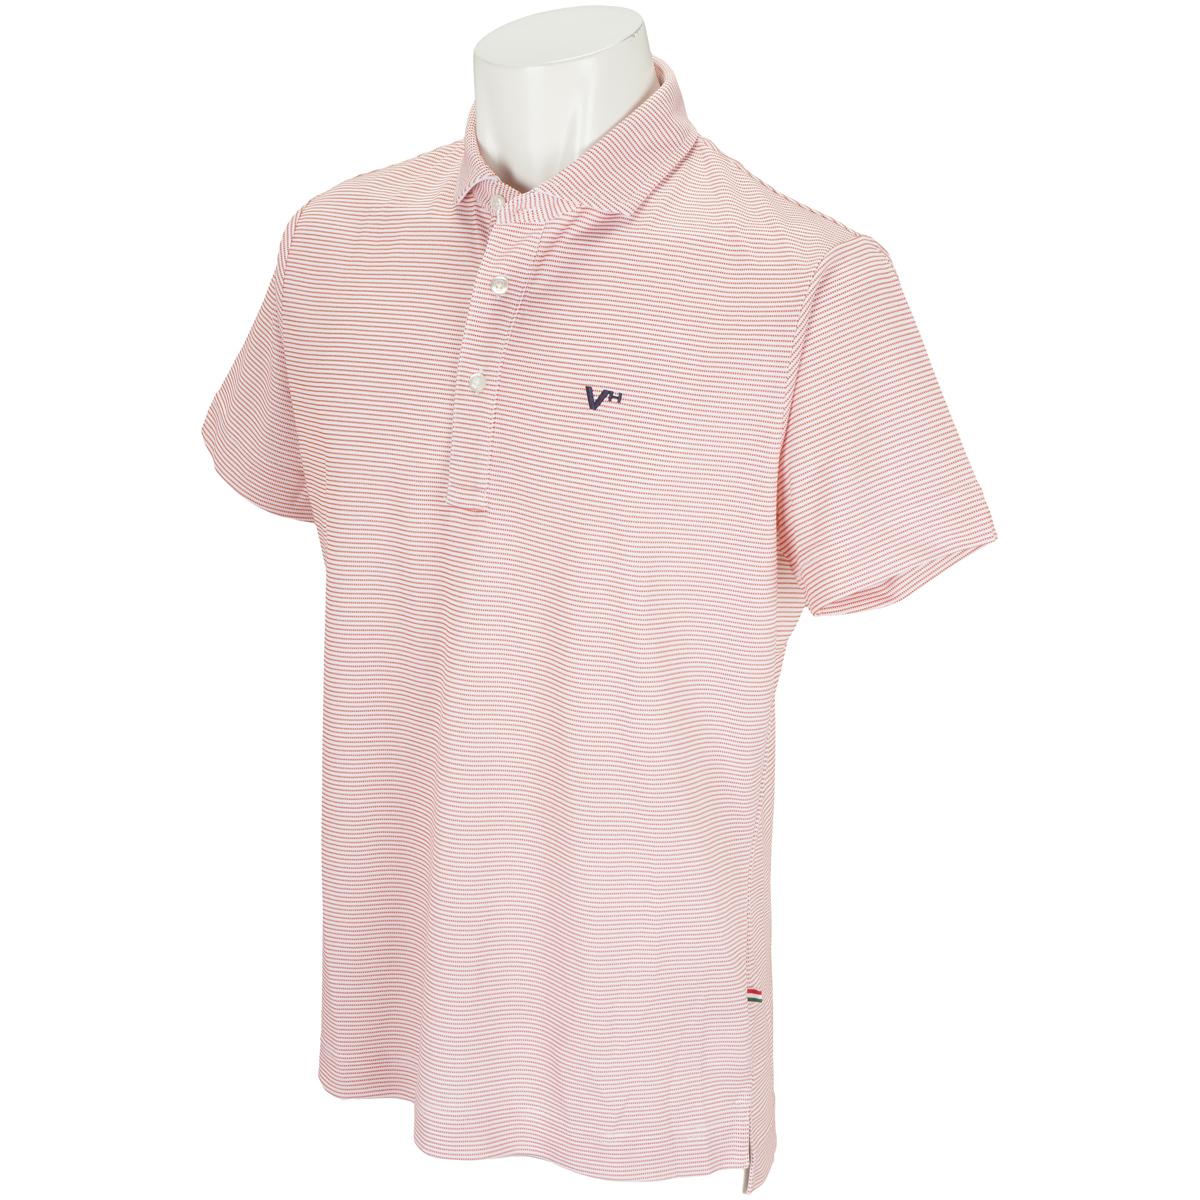 ワッフルボーダー 半袖ポロシャツ